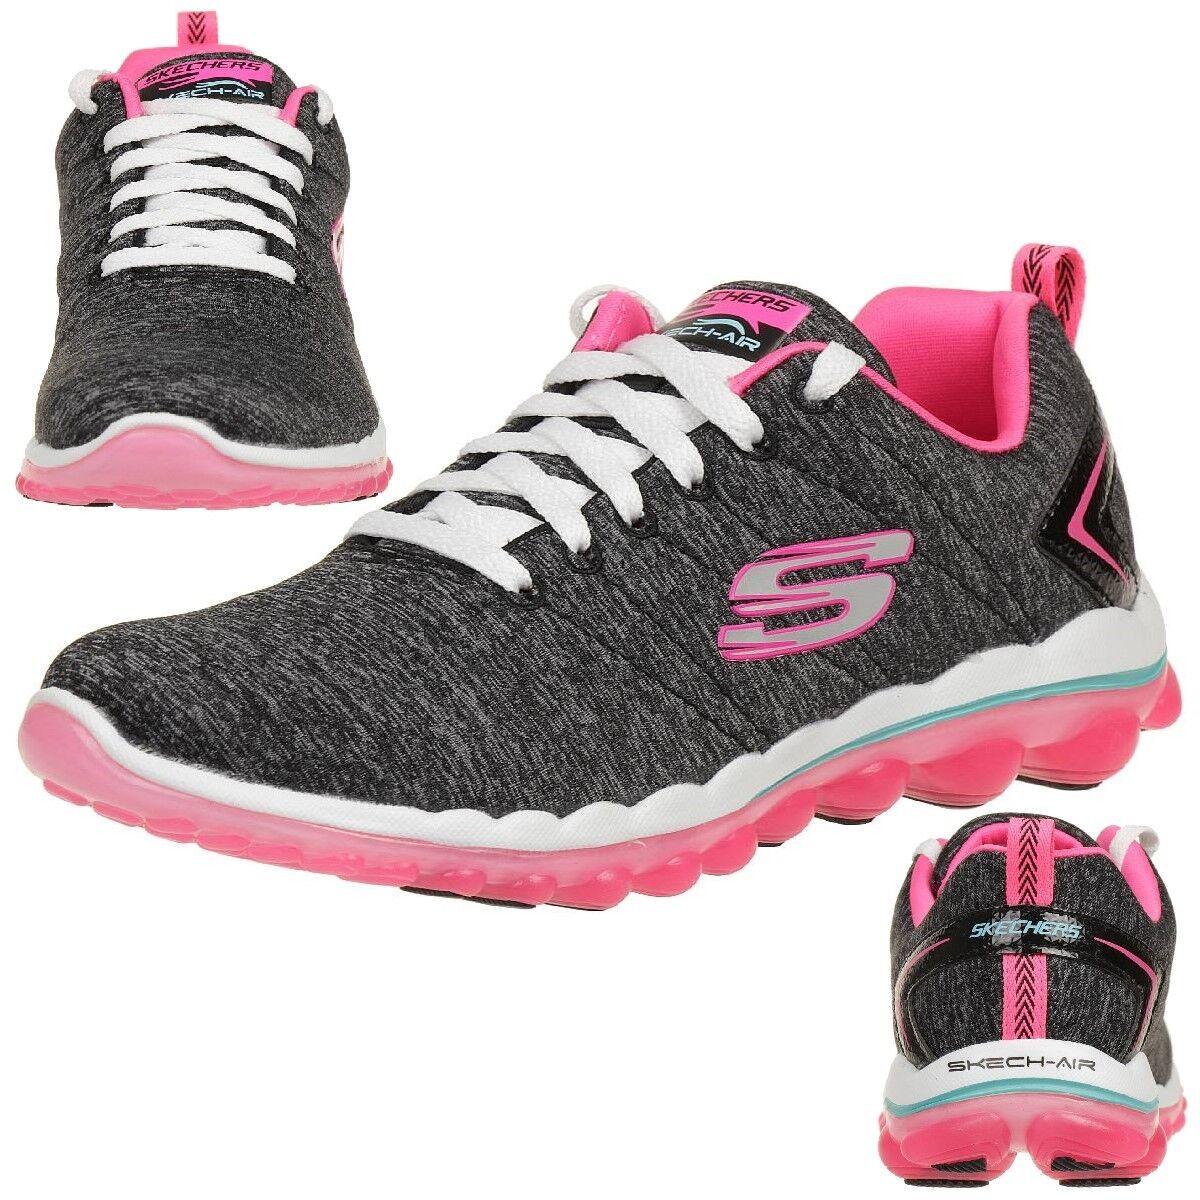 Zapatos promocionales para hombres y mujeres SKECHERS SKECH AIR 2.0 Sweet Life ZAPATILLAS DEPORTIVAS DE MUJER